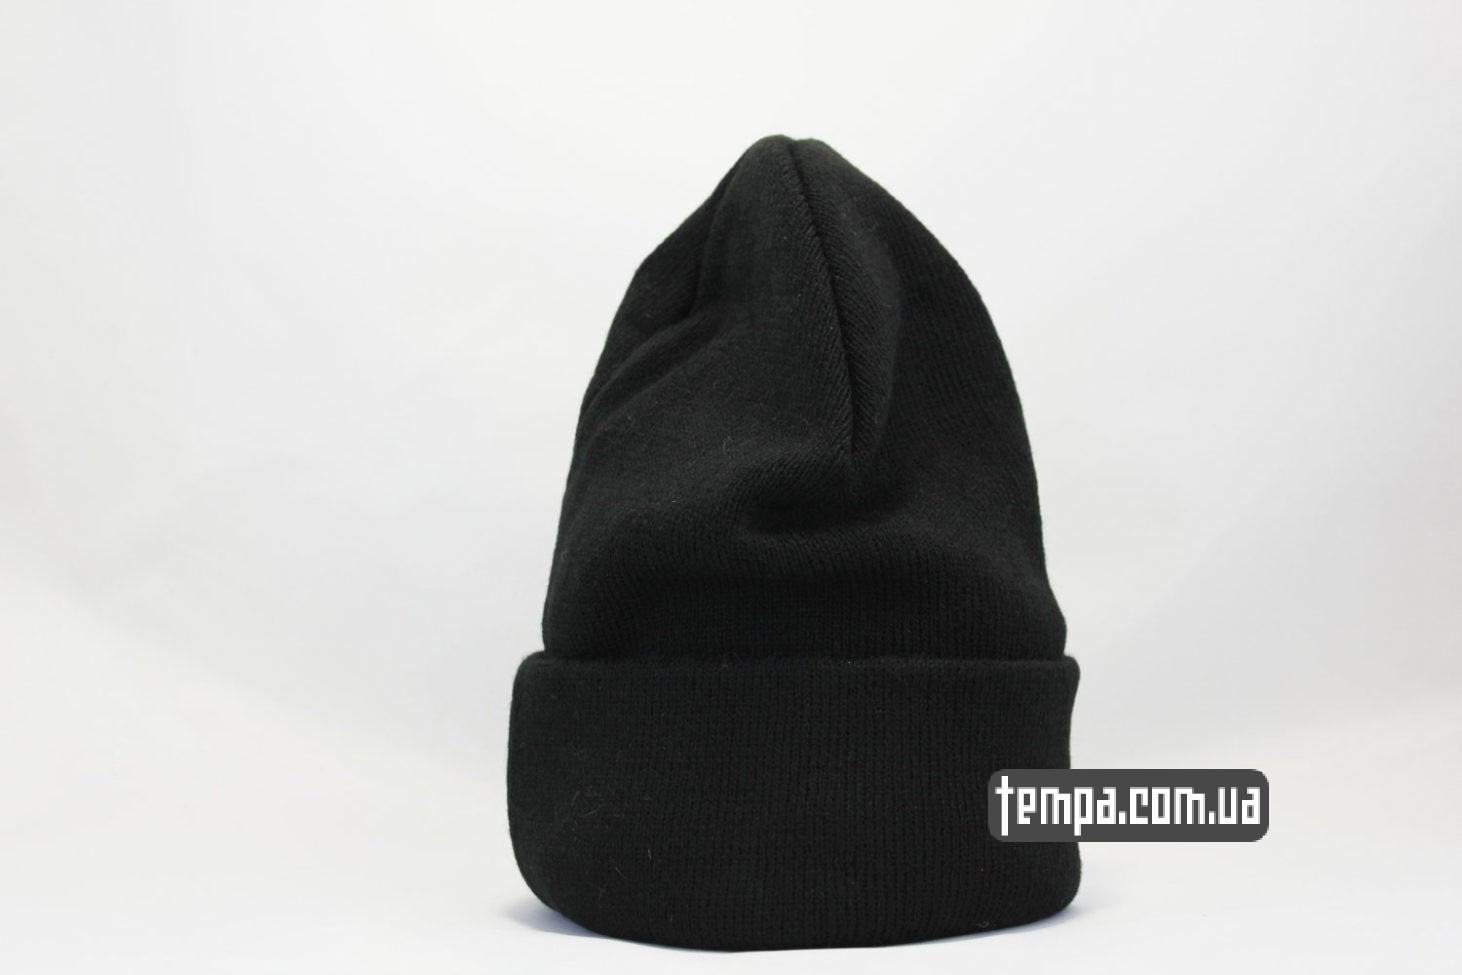 адидас украина шапка beanie ADIDAS originals черная купить Украина